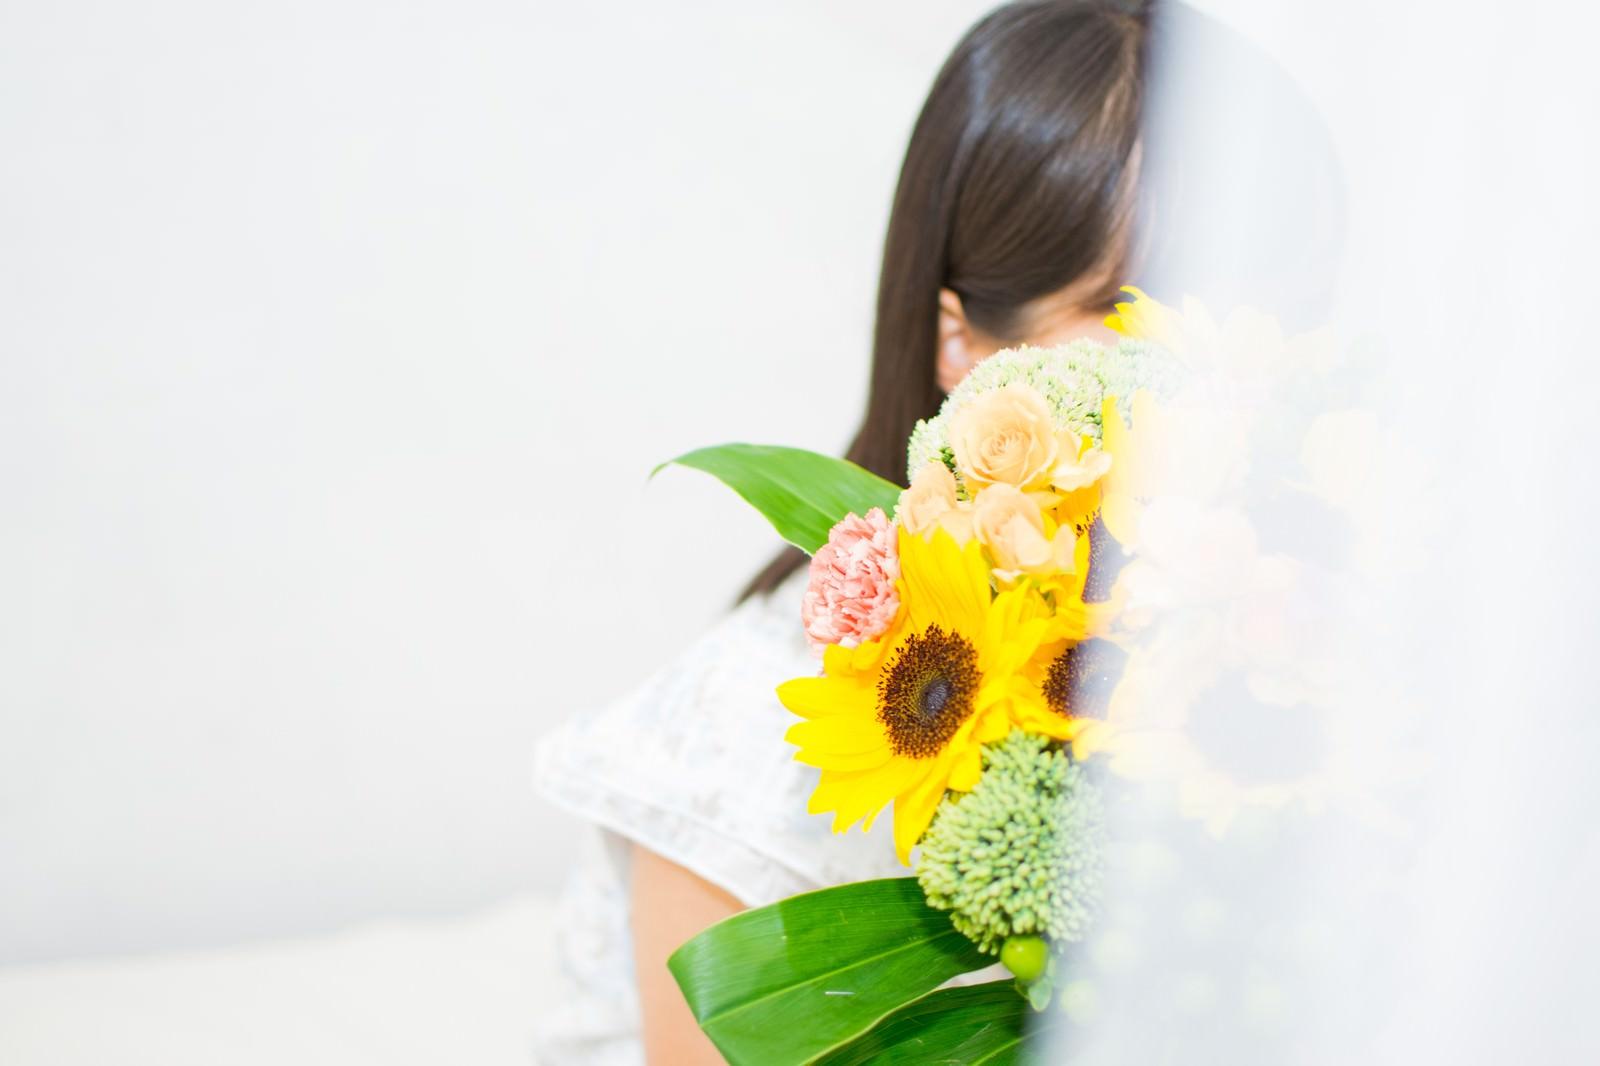 「花束を持ってスタンバイしている女性花束を持ってスタンバイしている女性」のフリー写真素材を拡大